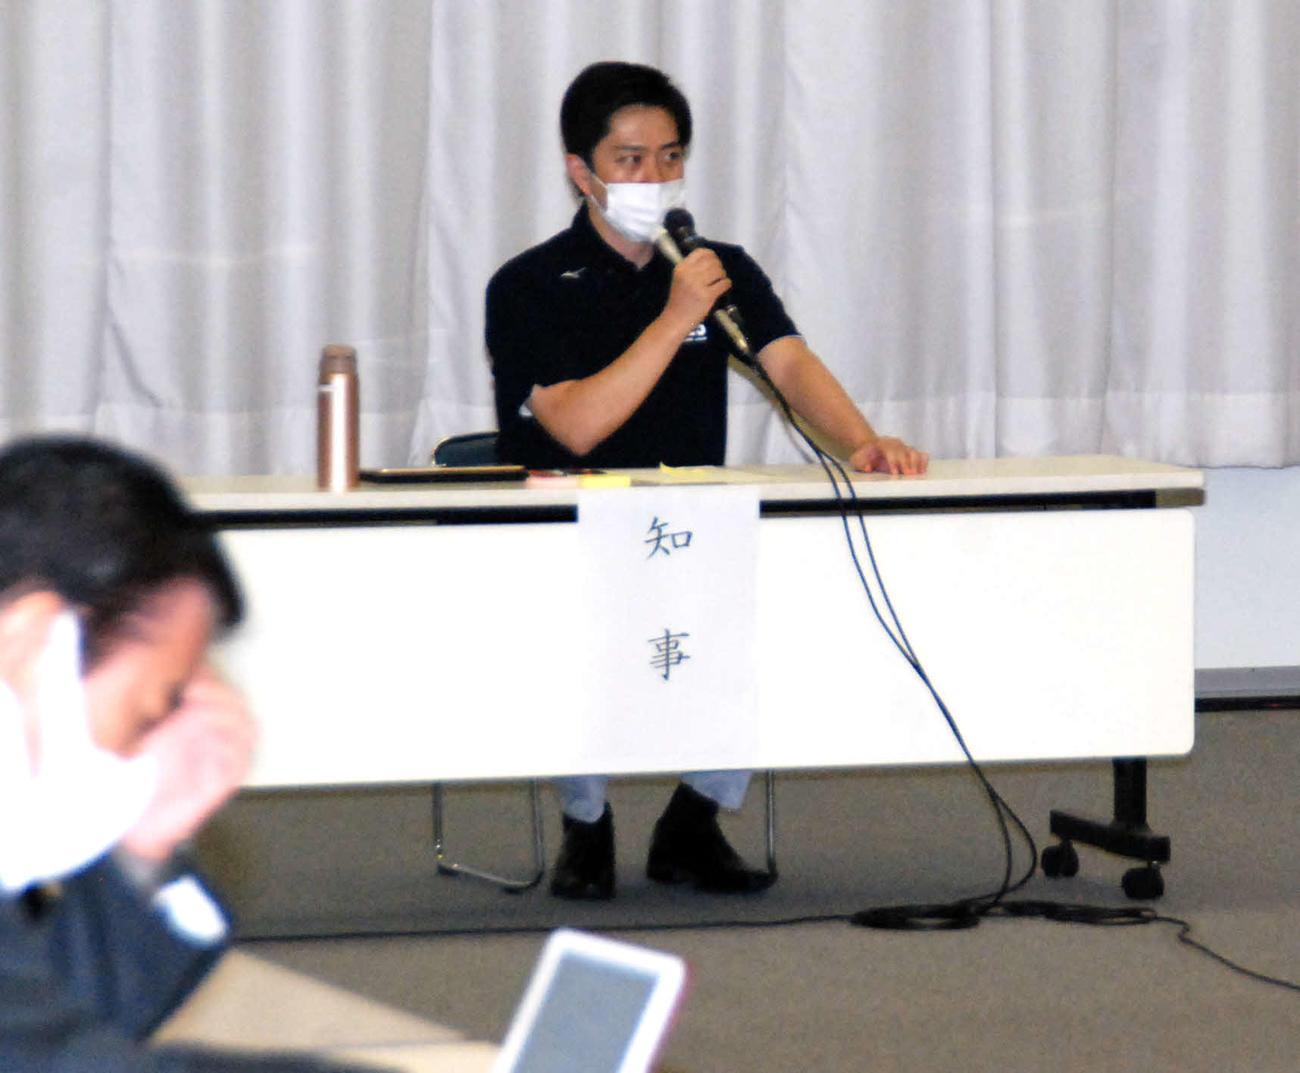 府庁で新型コロナウイルス対策本部会議に出席した吉村洋文知事(撮影・松浦隆司)